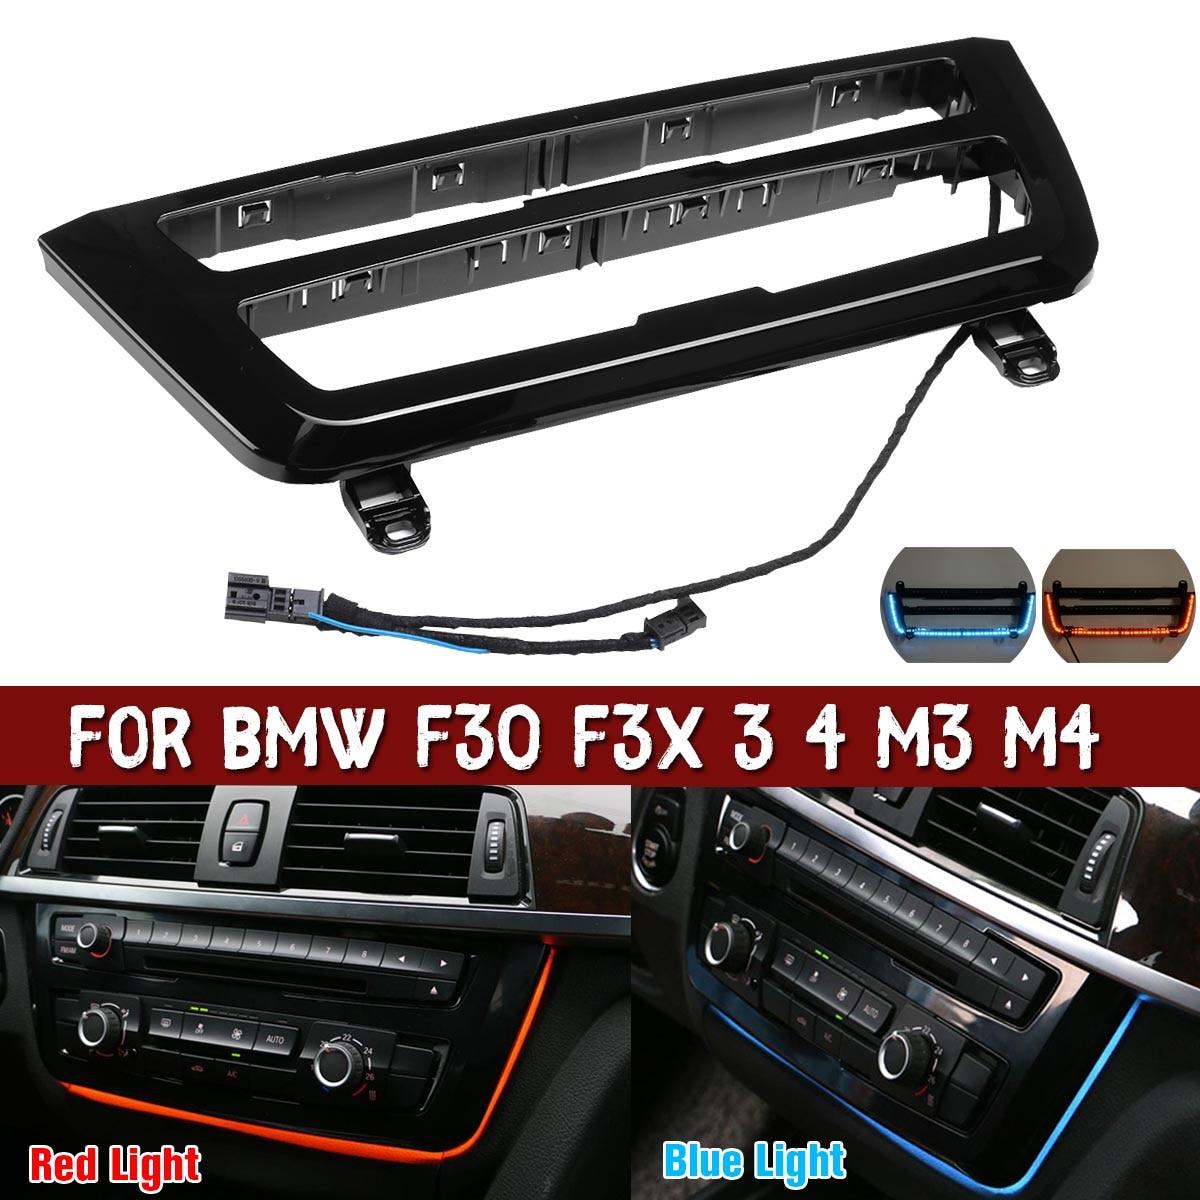 Lumière d'ambiance pour BMW M3 M4 3 4 LCI garniture Radio tableau de bord LED Console centrale AC panneau lumière bleu Orange 2 couleur lampe